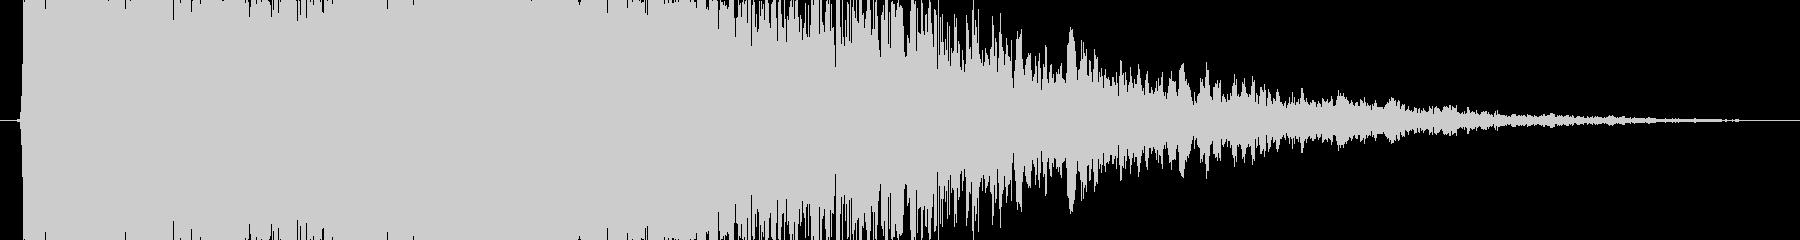 強_チャンスブラス系SE_02の未再生の波形